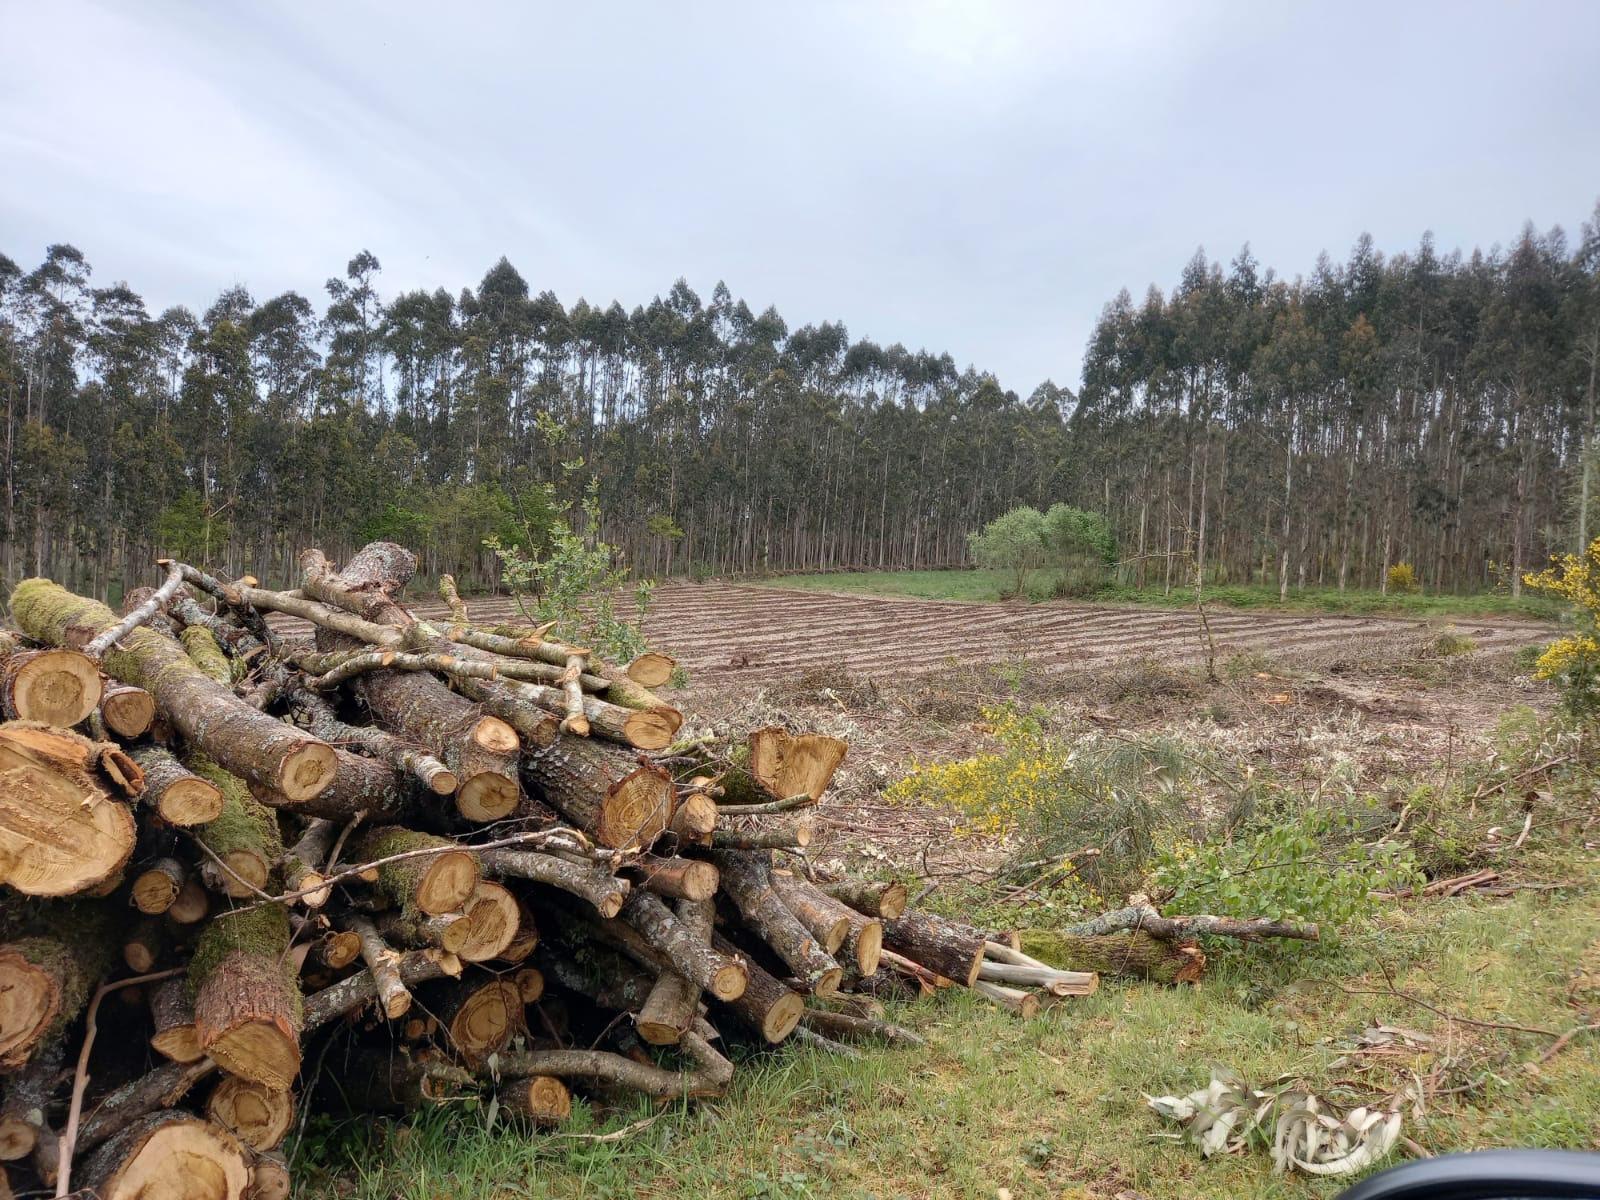 ADEGA denuncia a ocupación ilegal con eucalipto dunha superficie equivalente a uns 200 campos de fútbol desde a moratoria